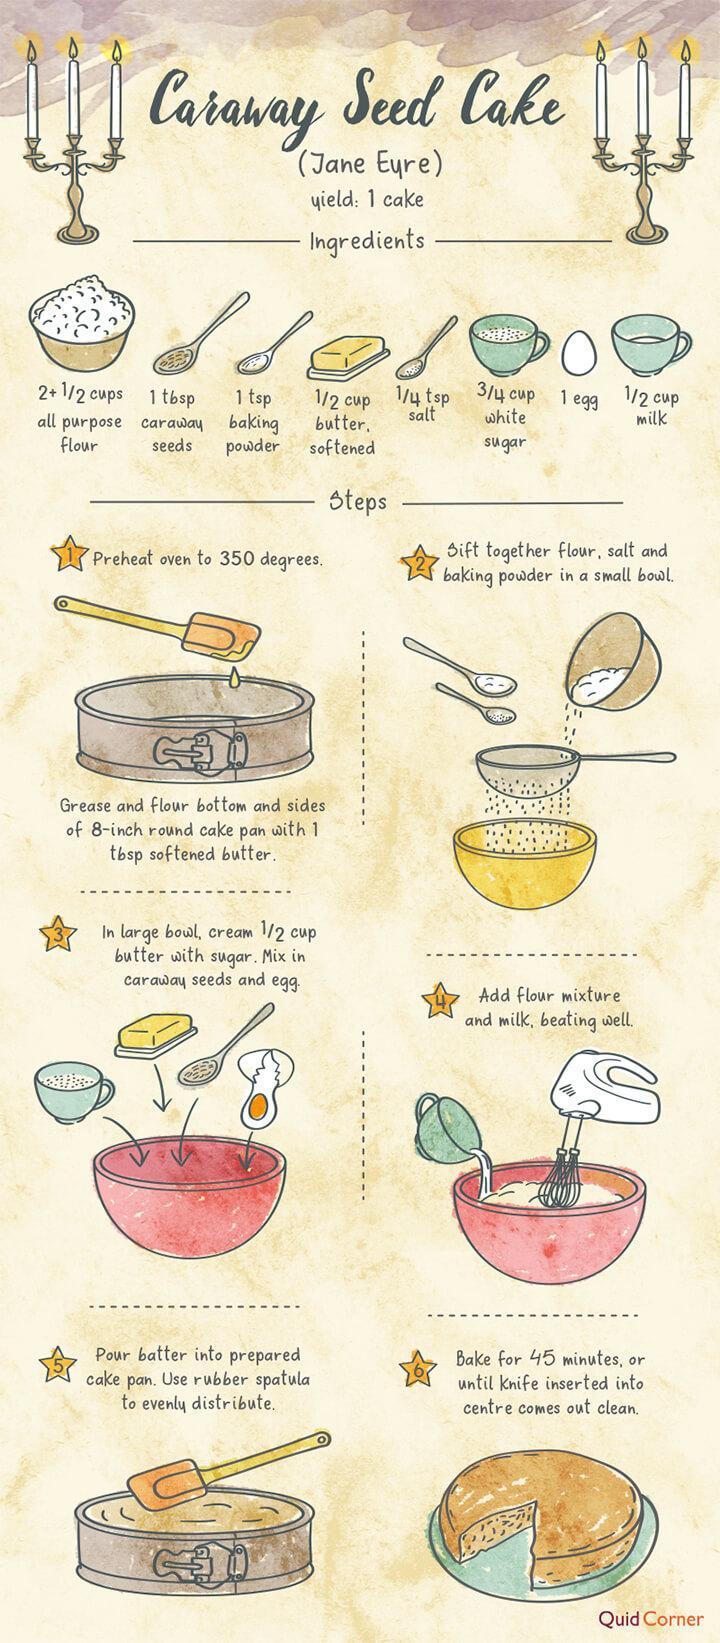 Jayne Eyre Caraway seed cake